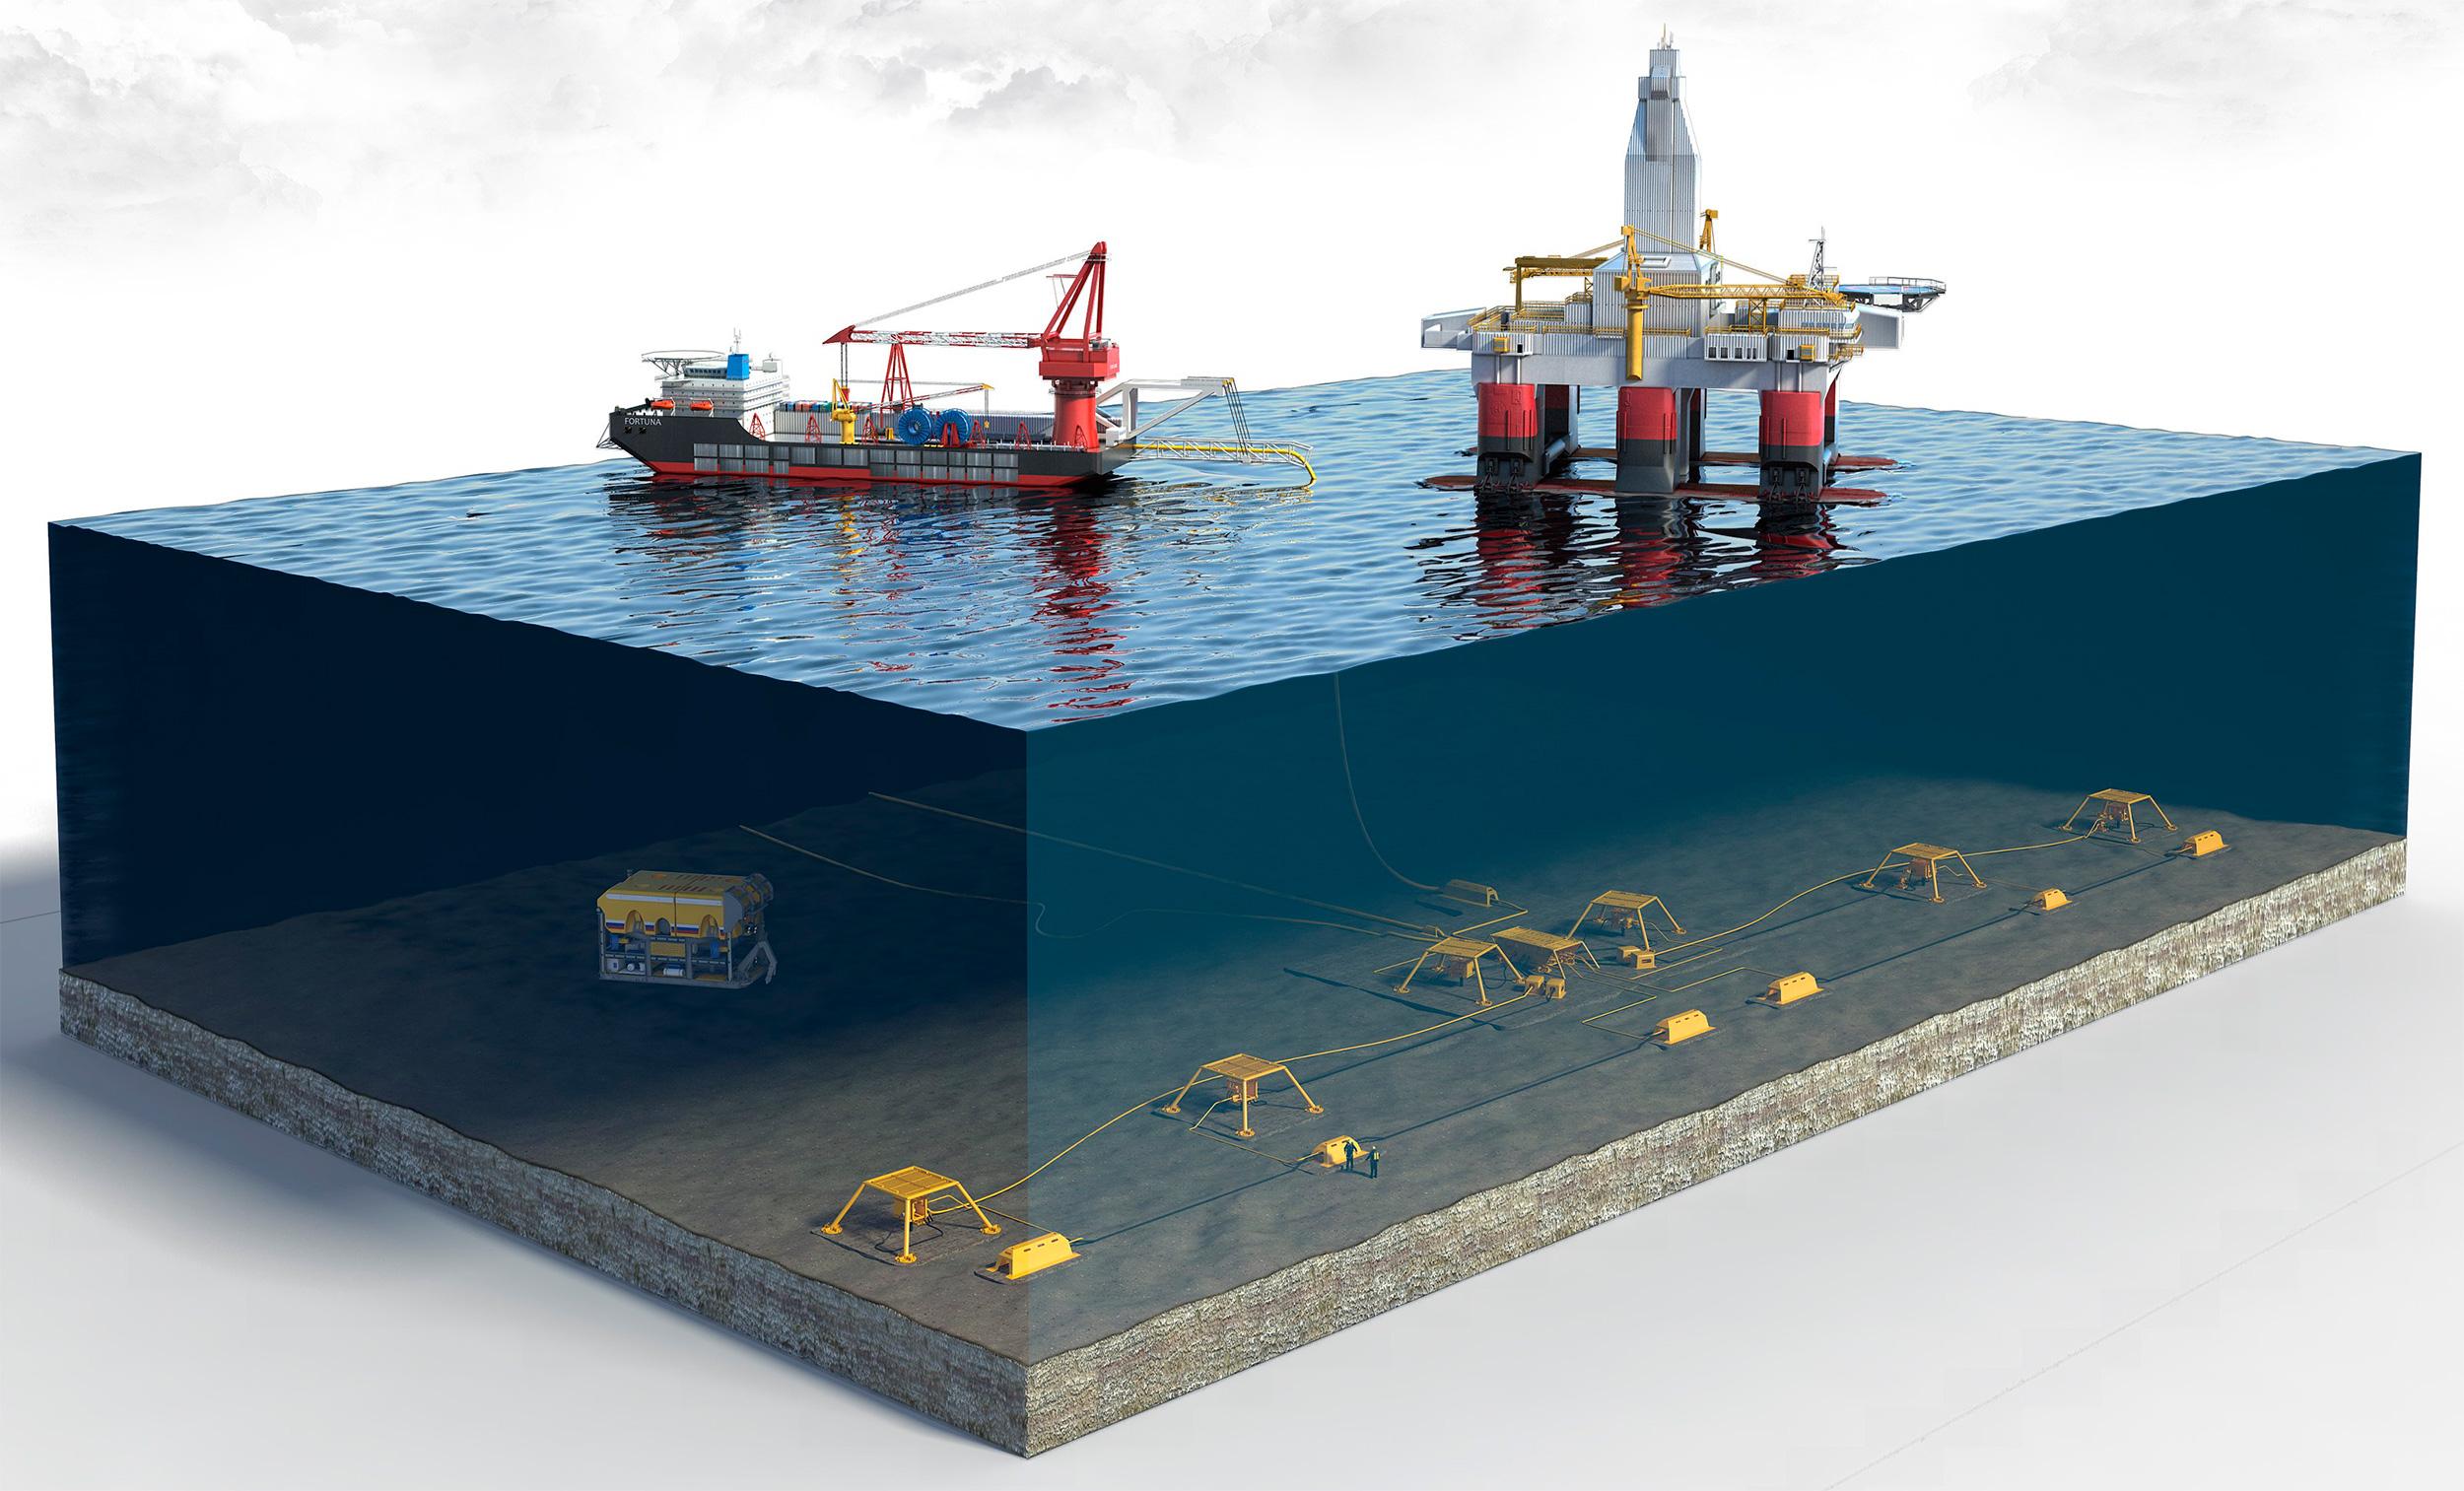 Автоматизированная система для подводной добычи нефти и газа на арктическом шельфе, разрабатываемая Томским государственным университетом систем управления и радиоэлектроники (ТУСУР).